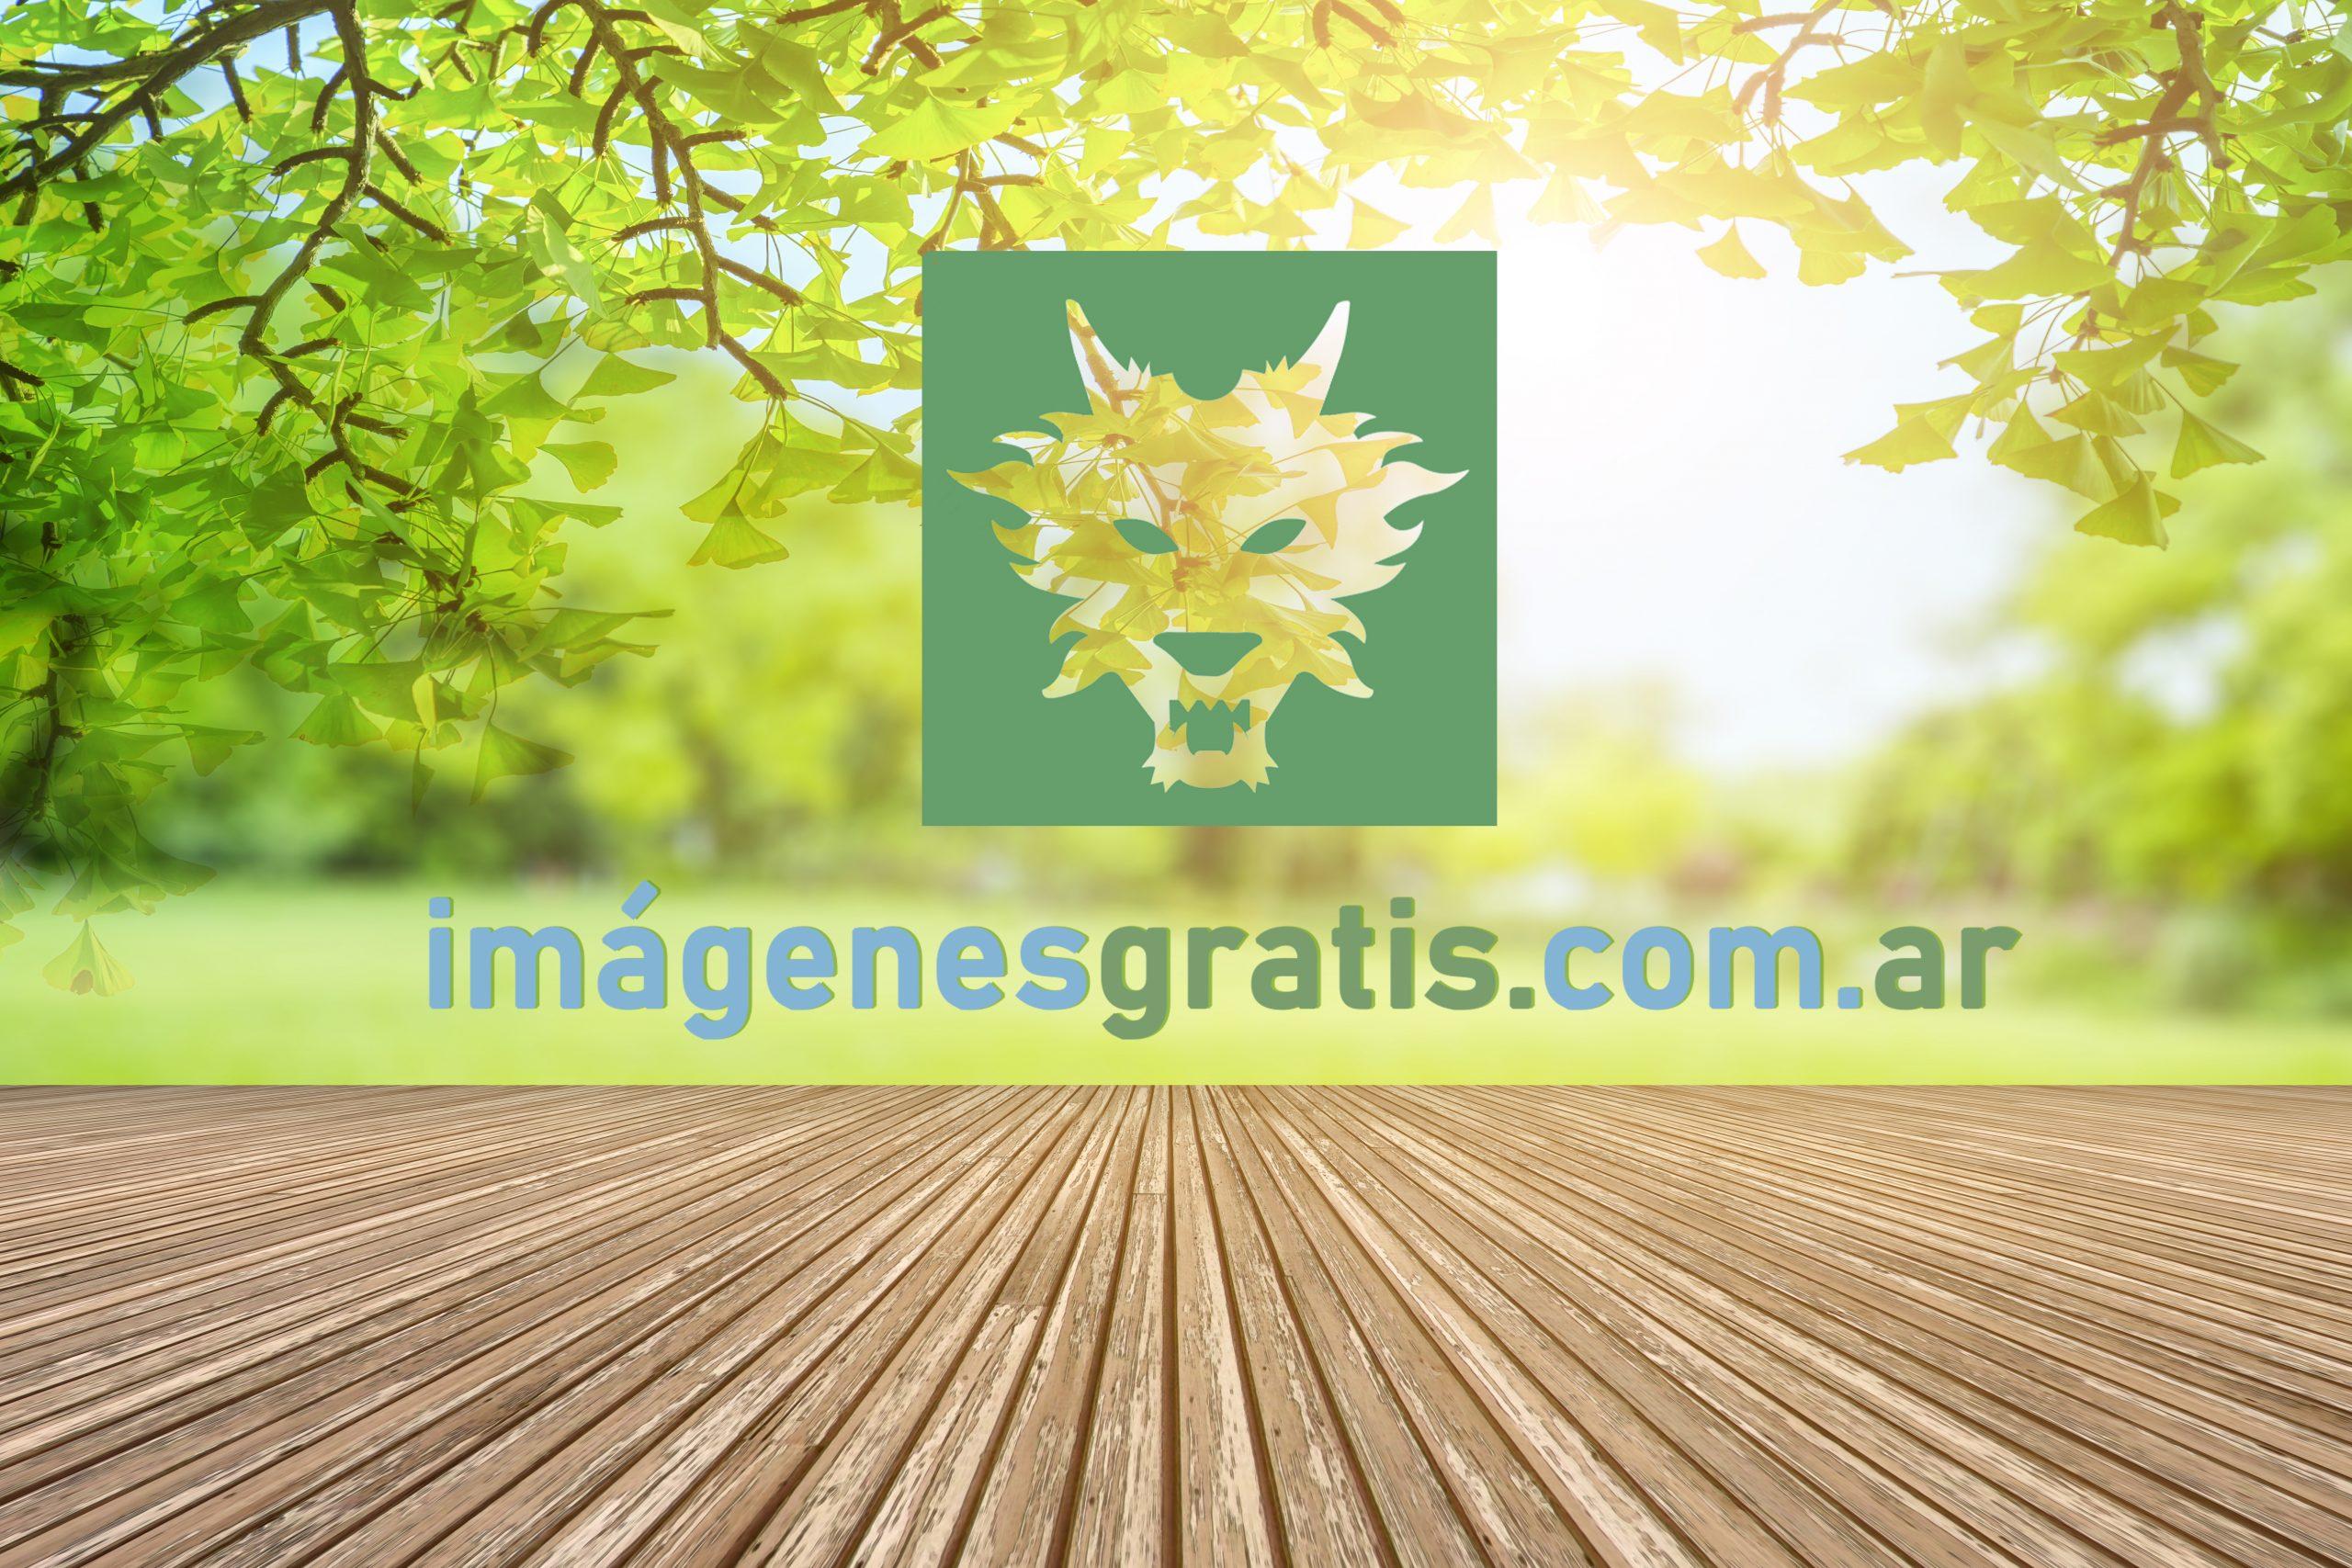 imágenes gratis web